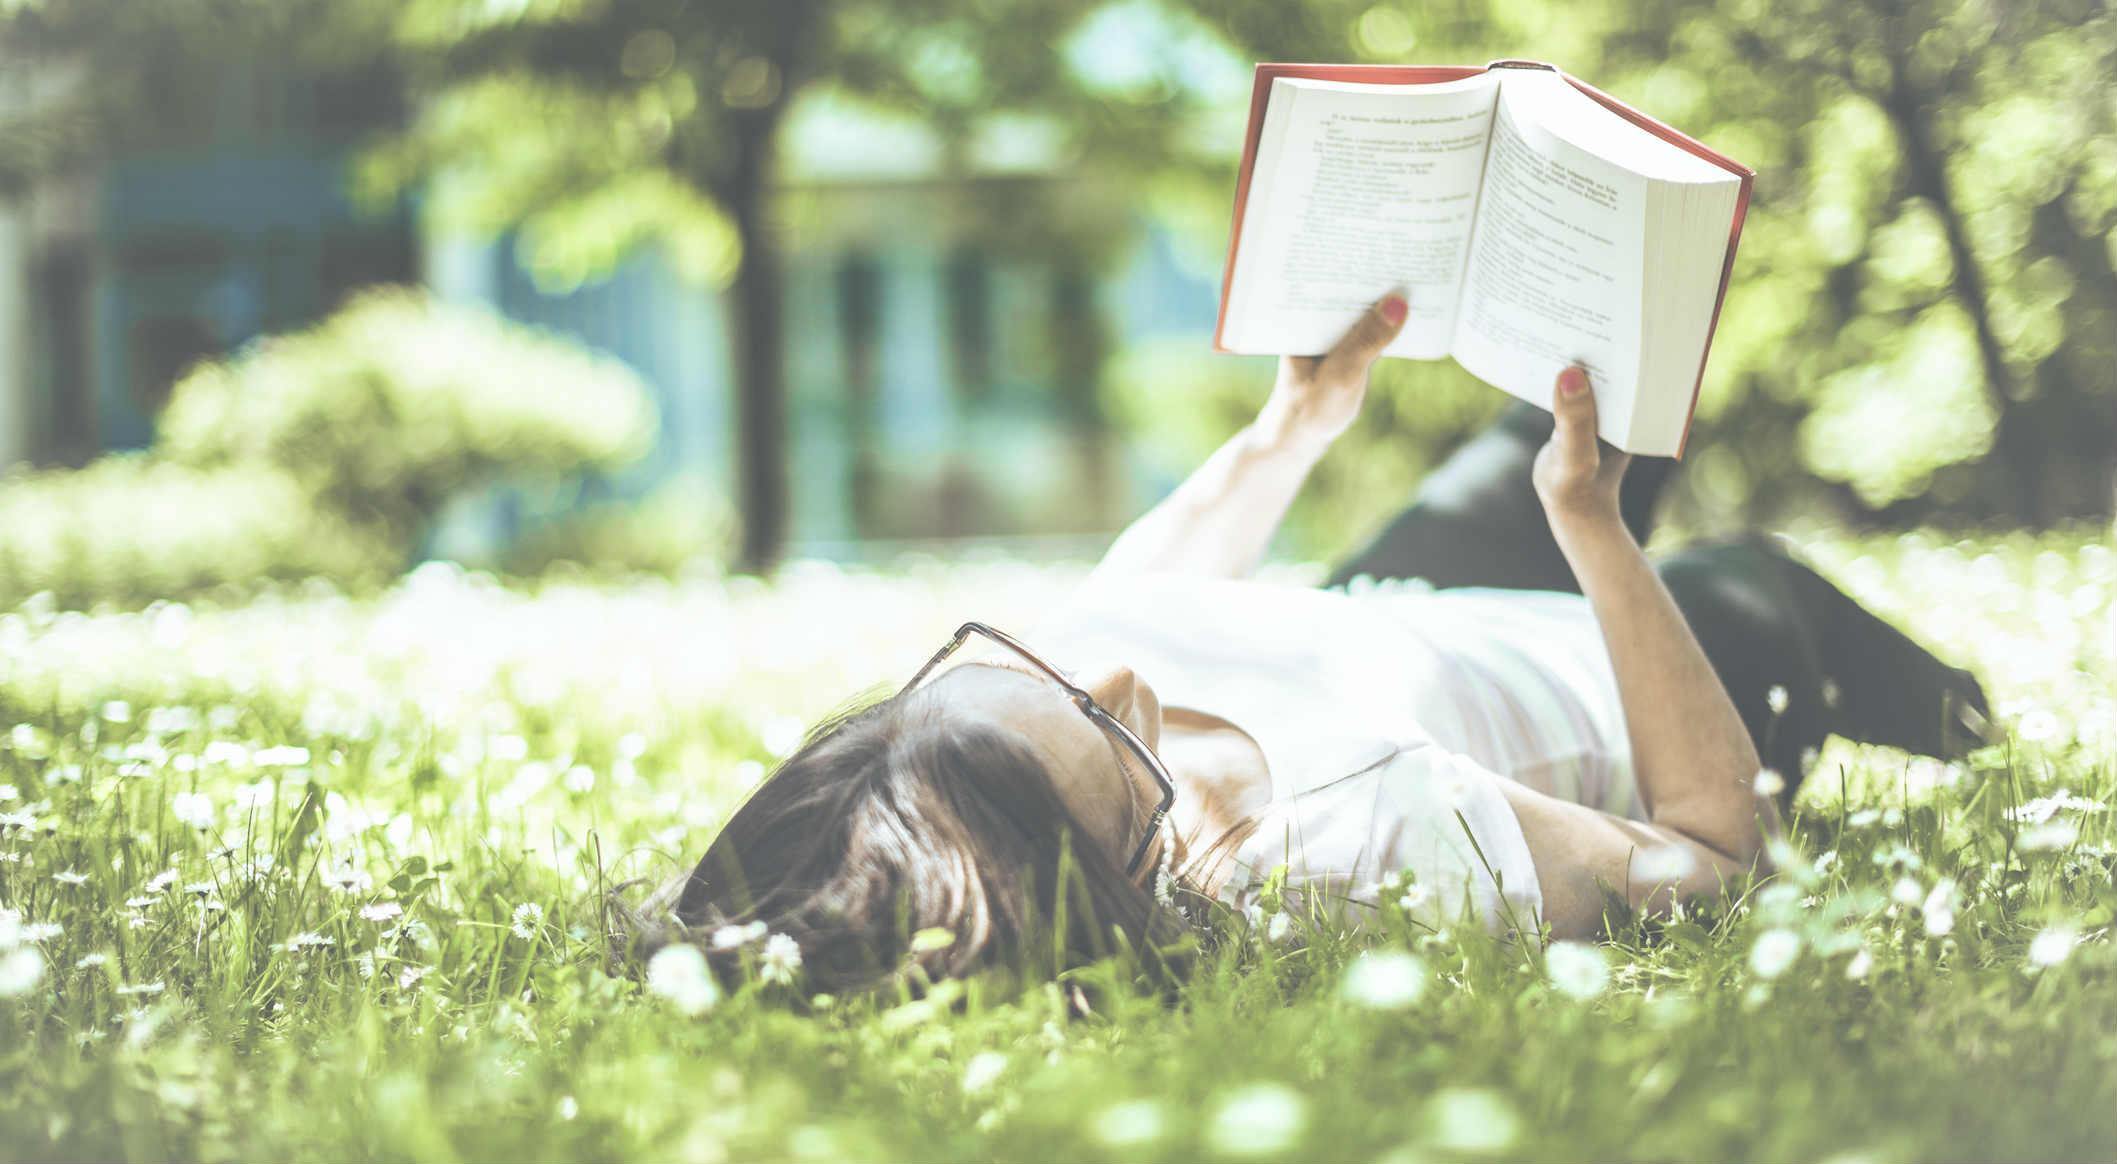 leggere lettori lettura libri donna ragazza